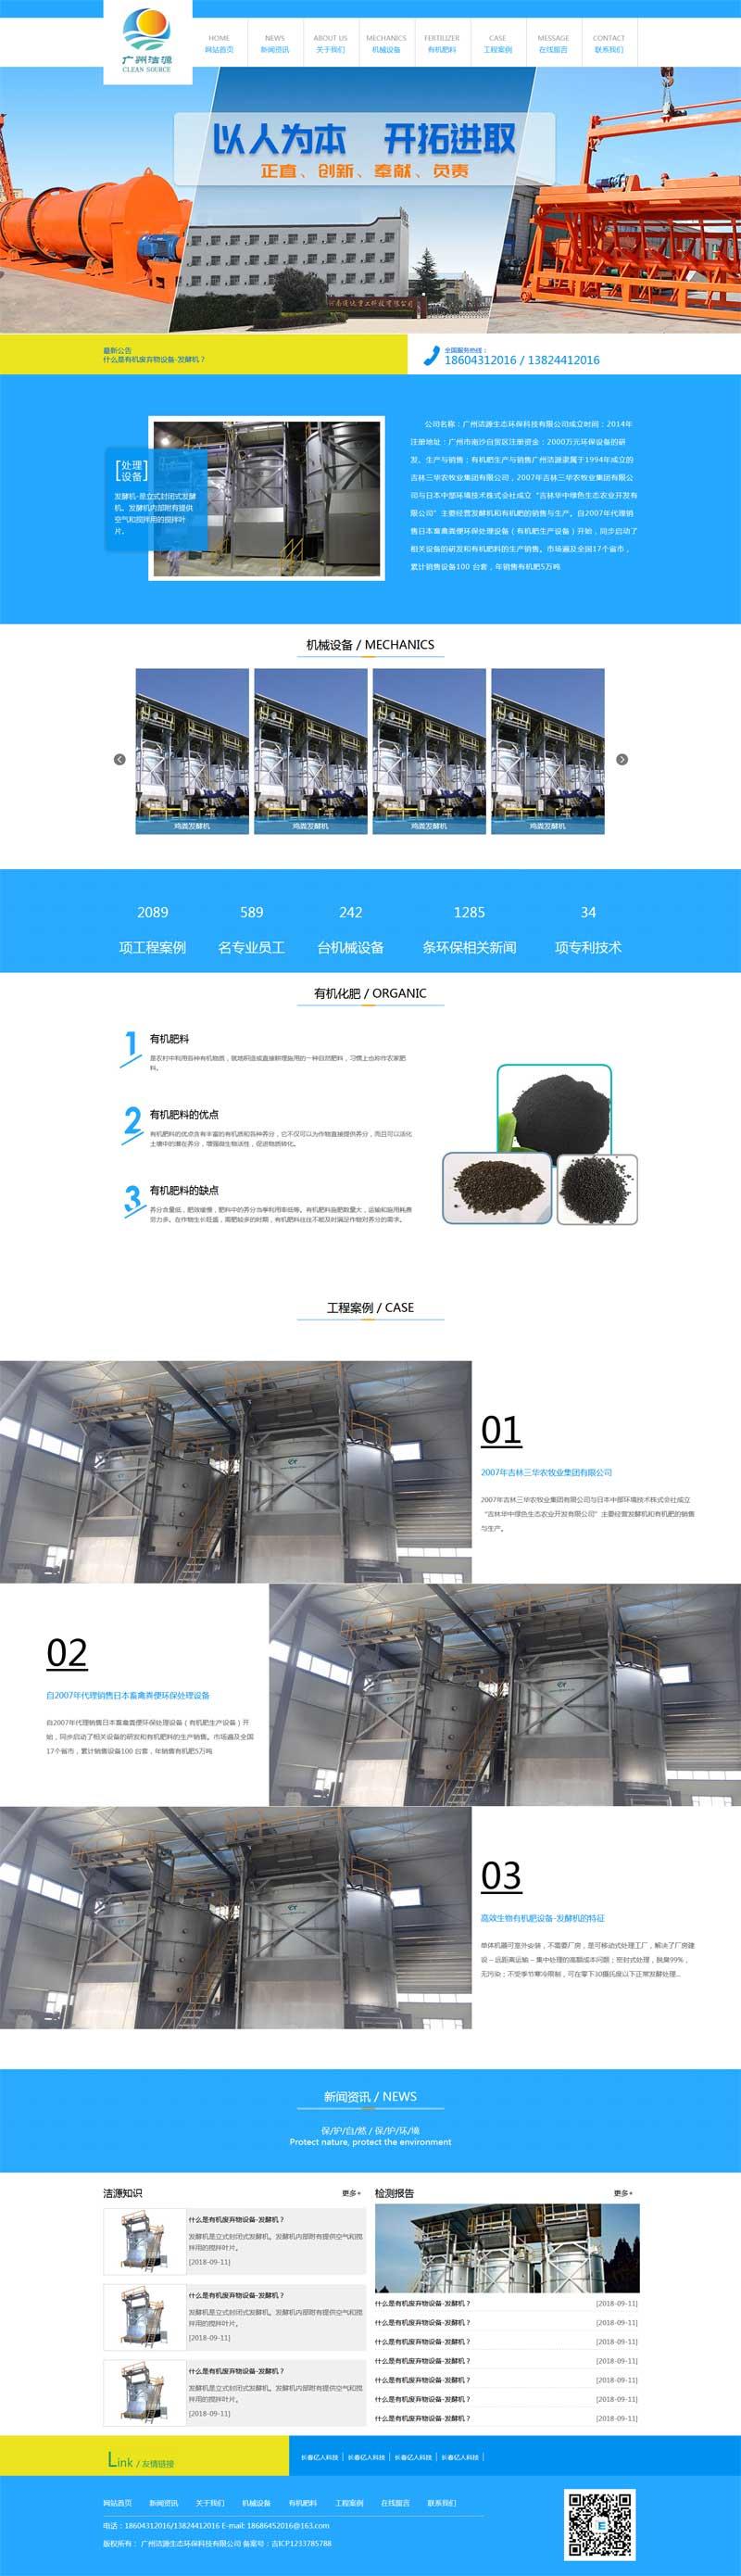 通用的工业设备企业网站html模板